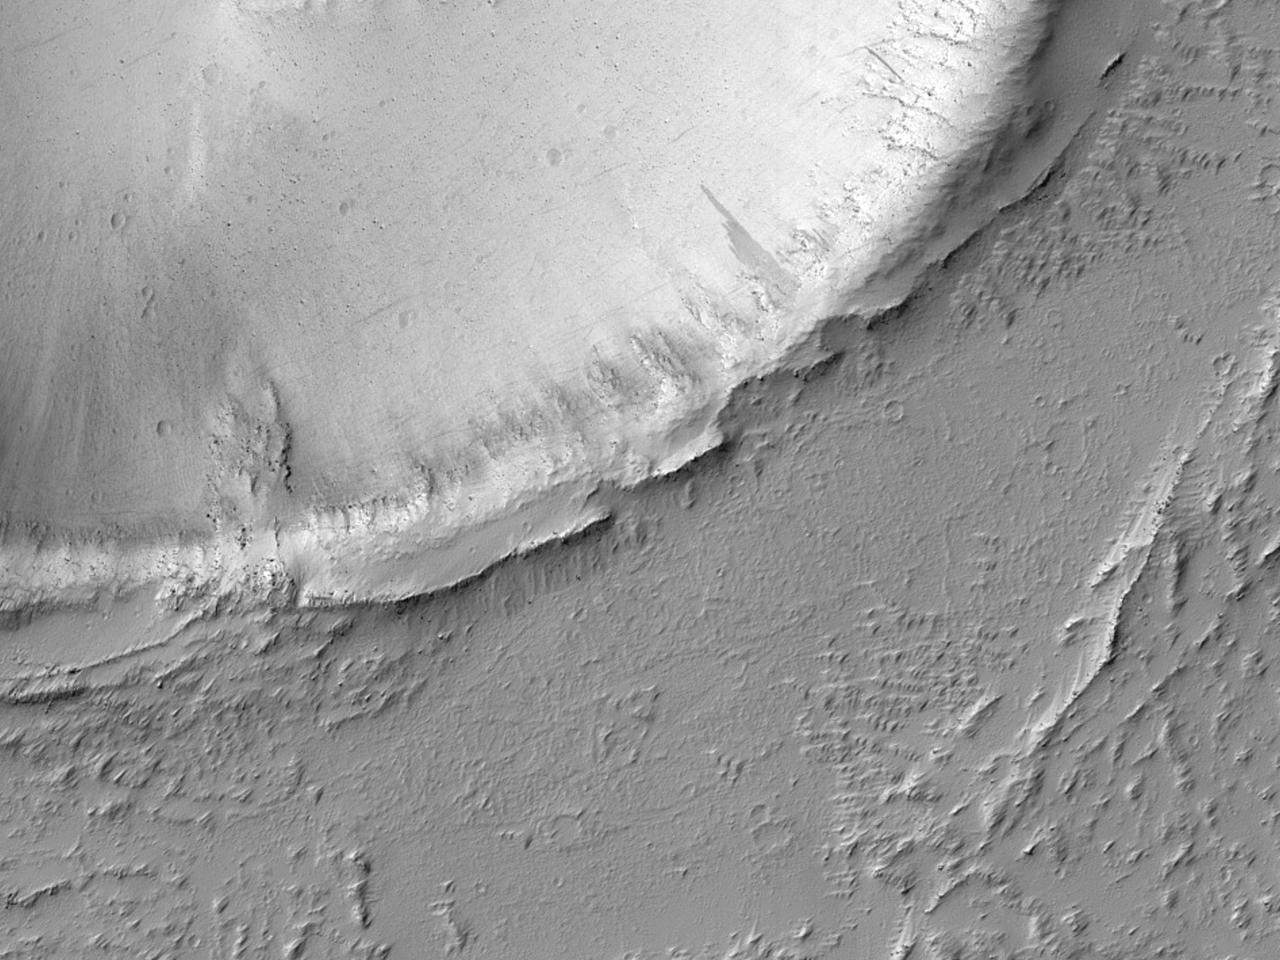 تدفق على طول حائط فوهة وصولًا إلى غرب منخفضات إيكوس (Echus Chasma)